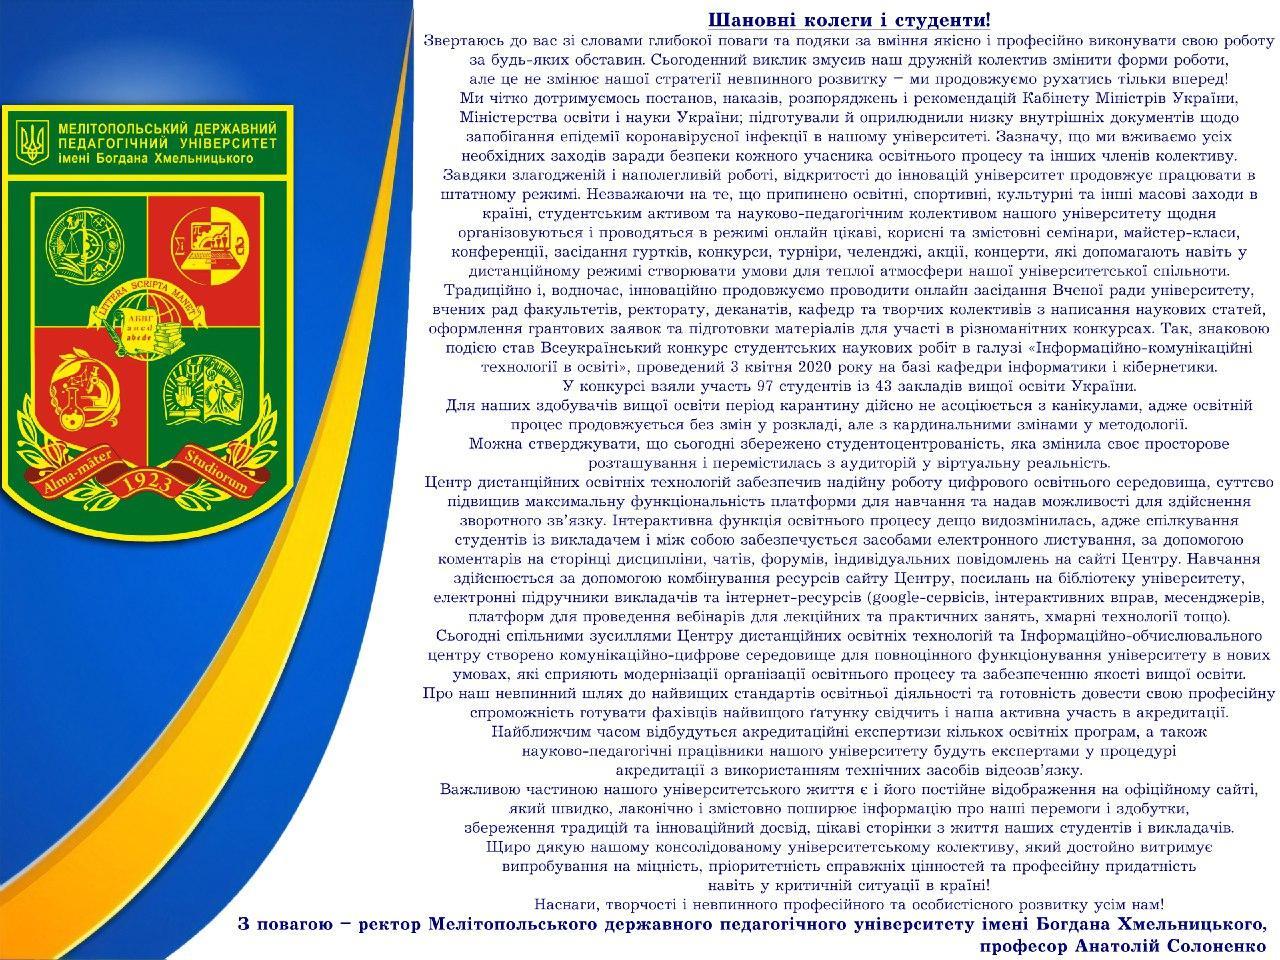 Звернення ректора університету Анатолія Солоненка